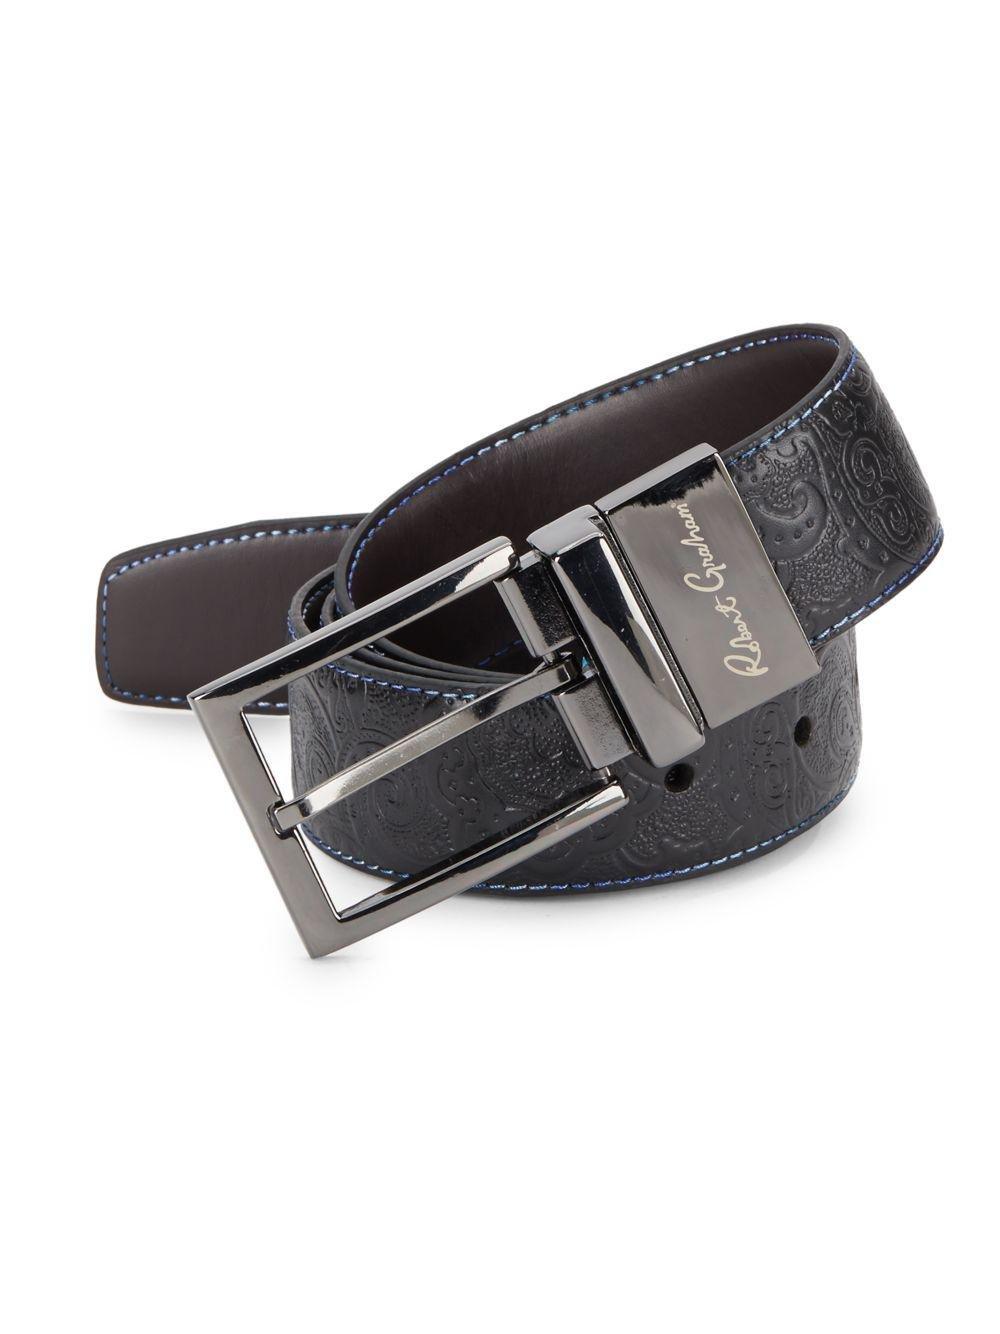 Robert Graham Garrison Paisley Embossed Leather Belt Black 34